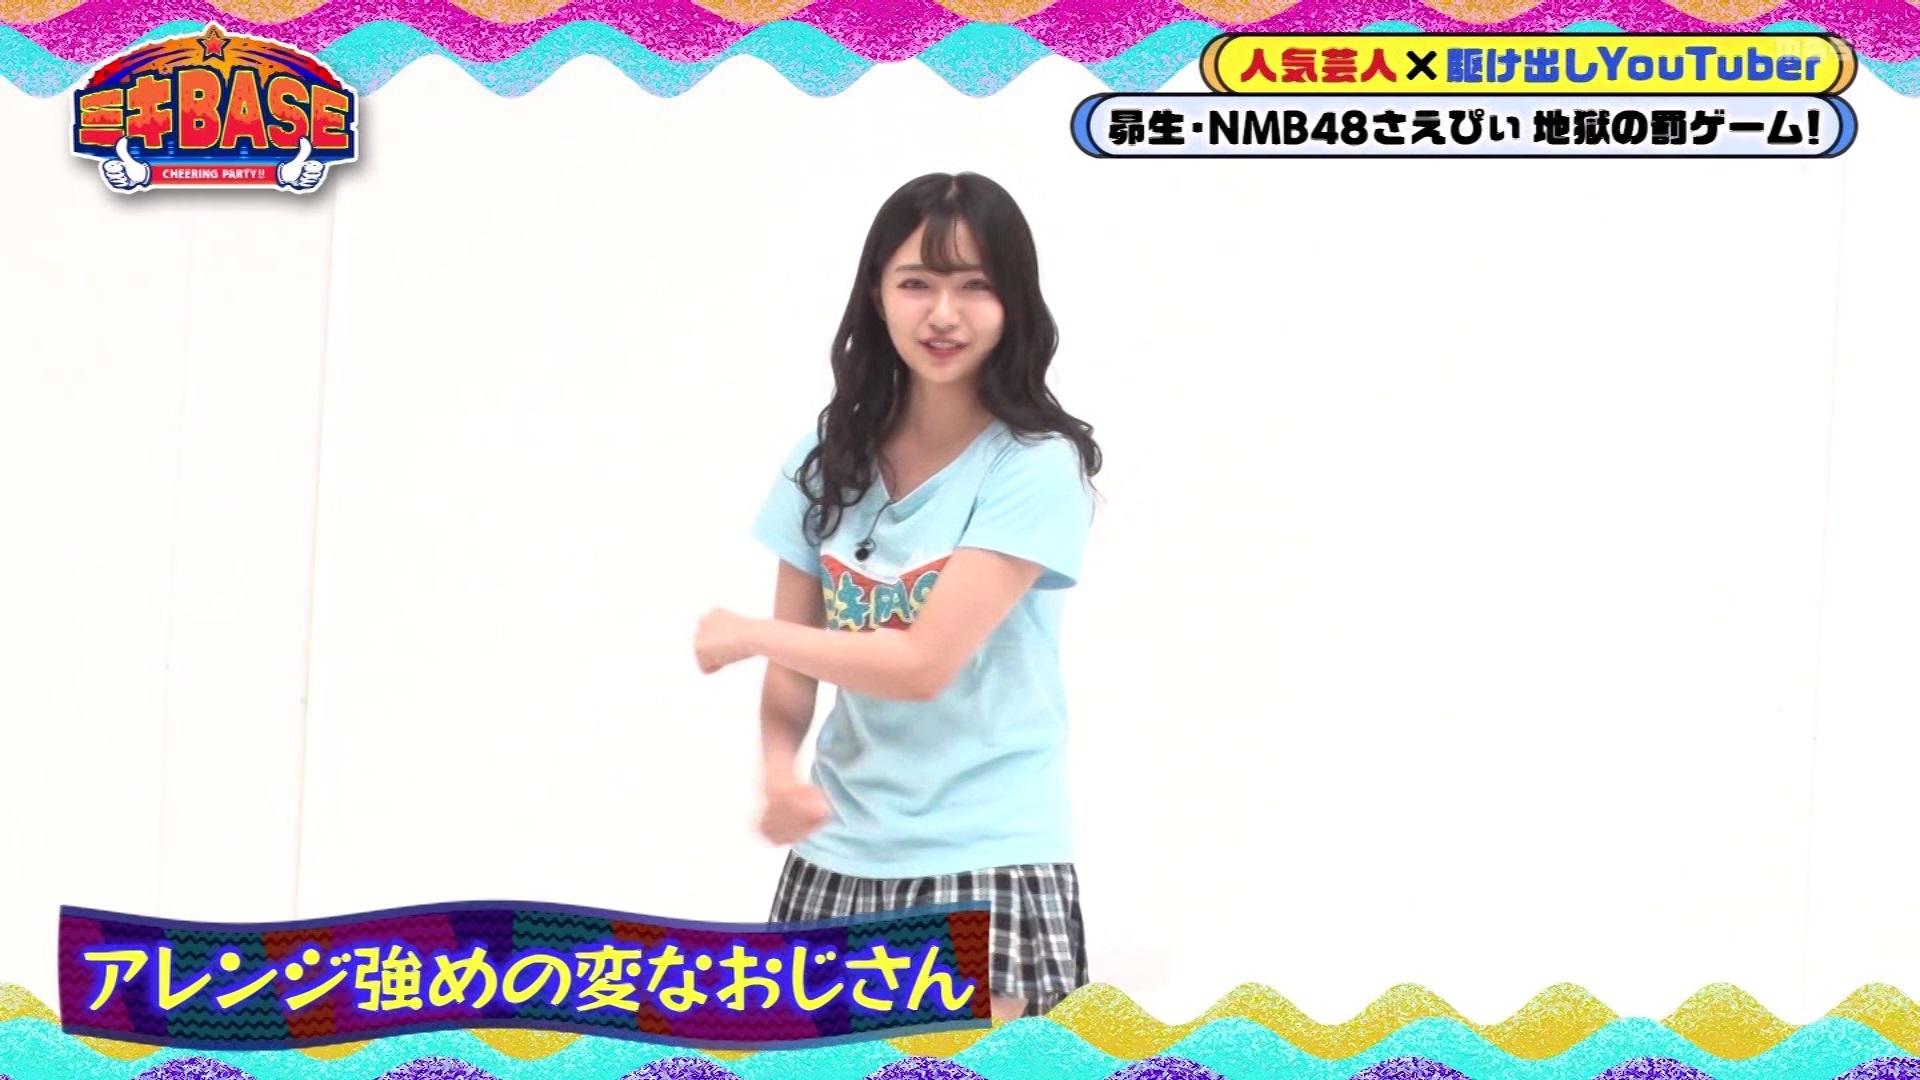 【村瀬紗英】さえぴぃ出演 7月1日に放送された「ミキBASE」#14の画像